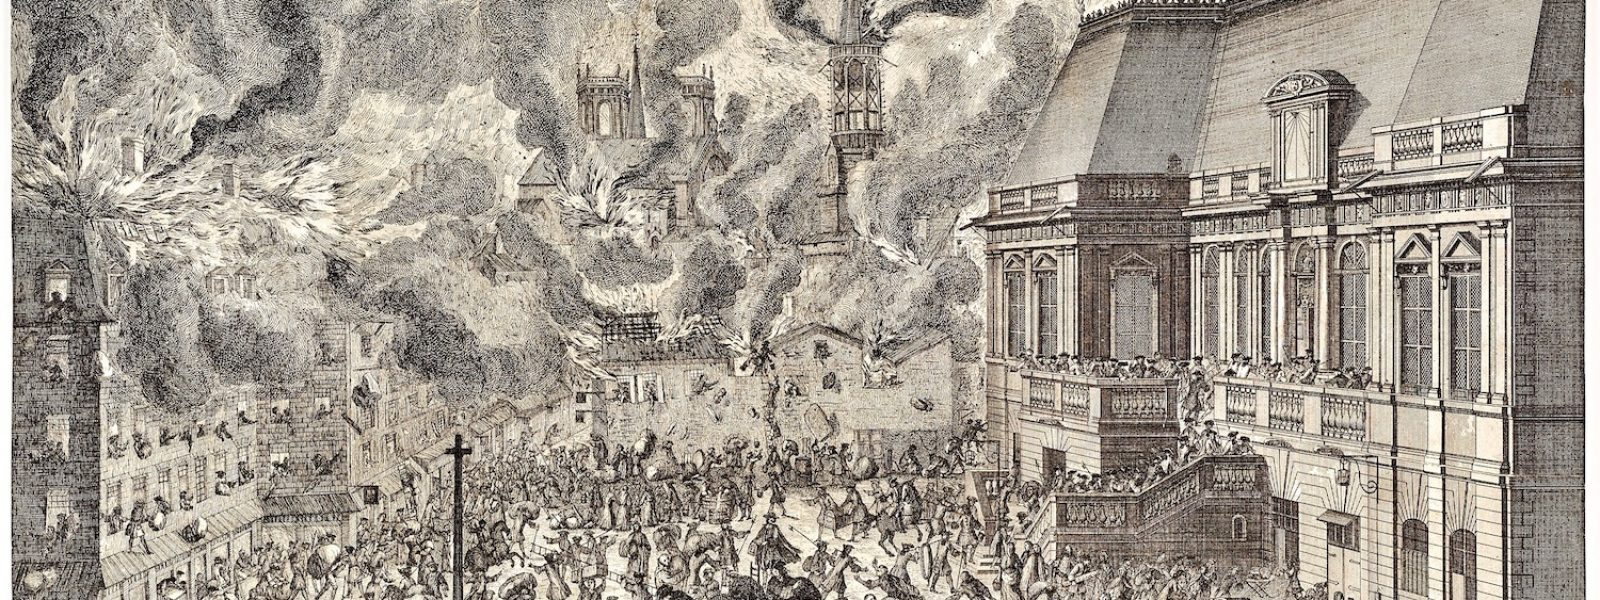 Musée de Bretagne, Collection Arts graphiques